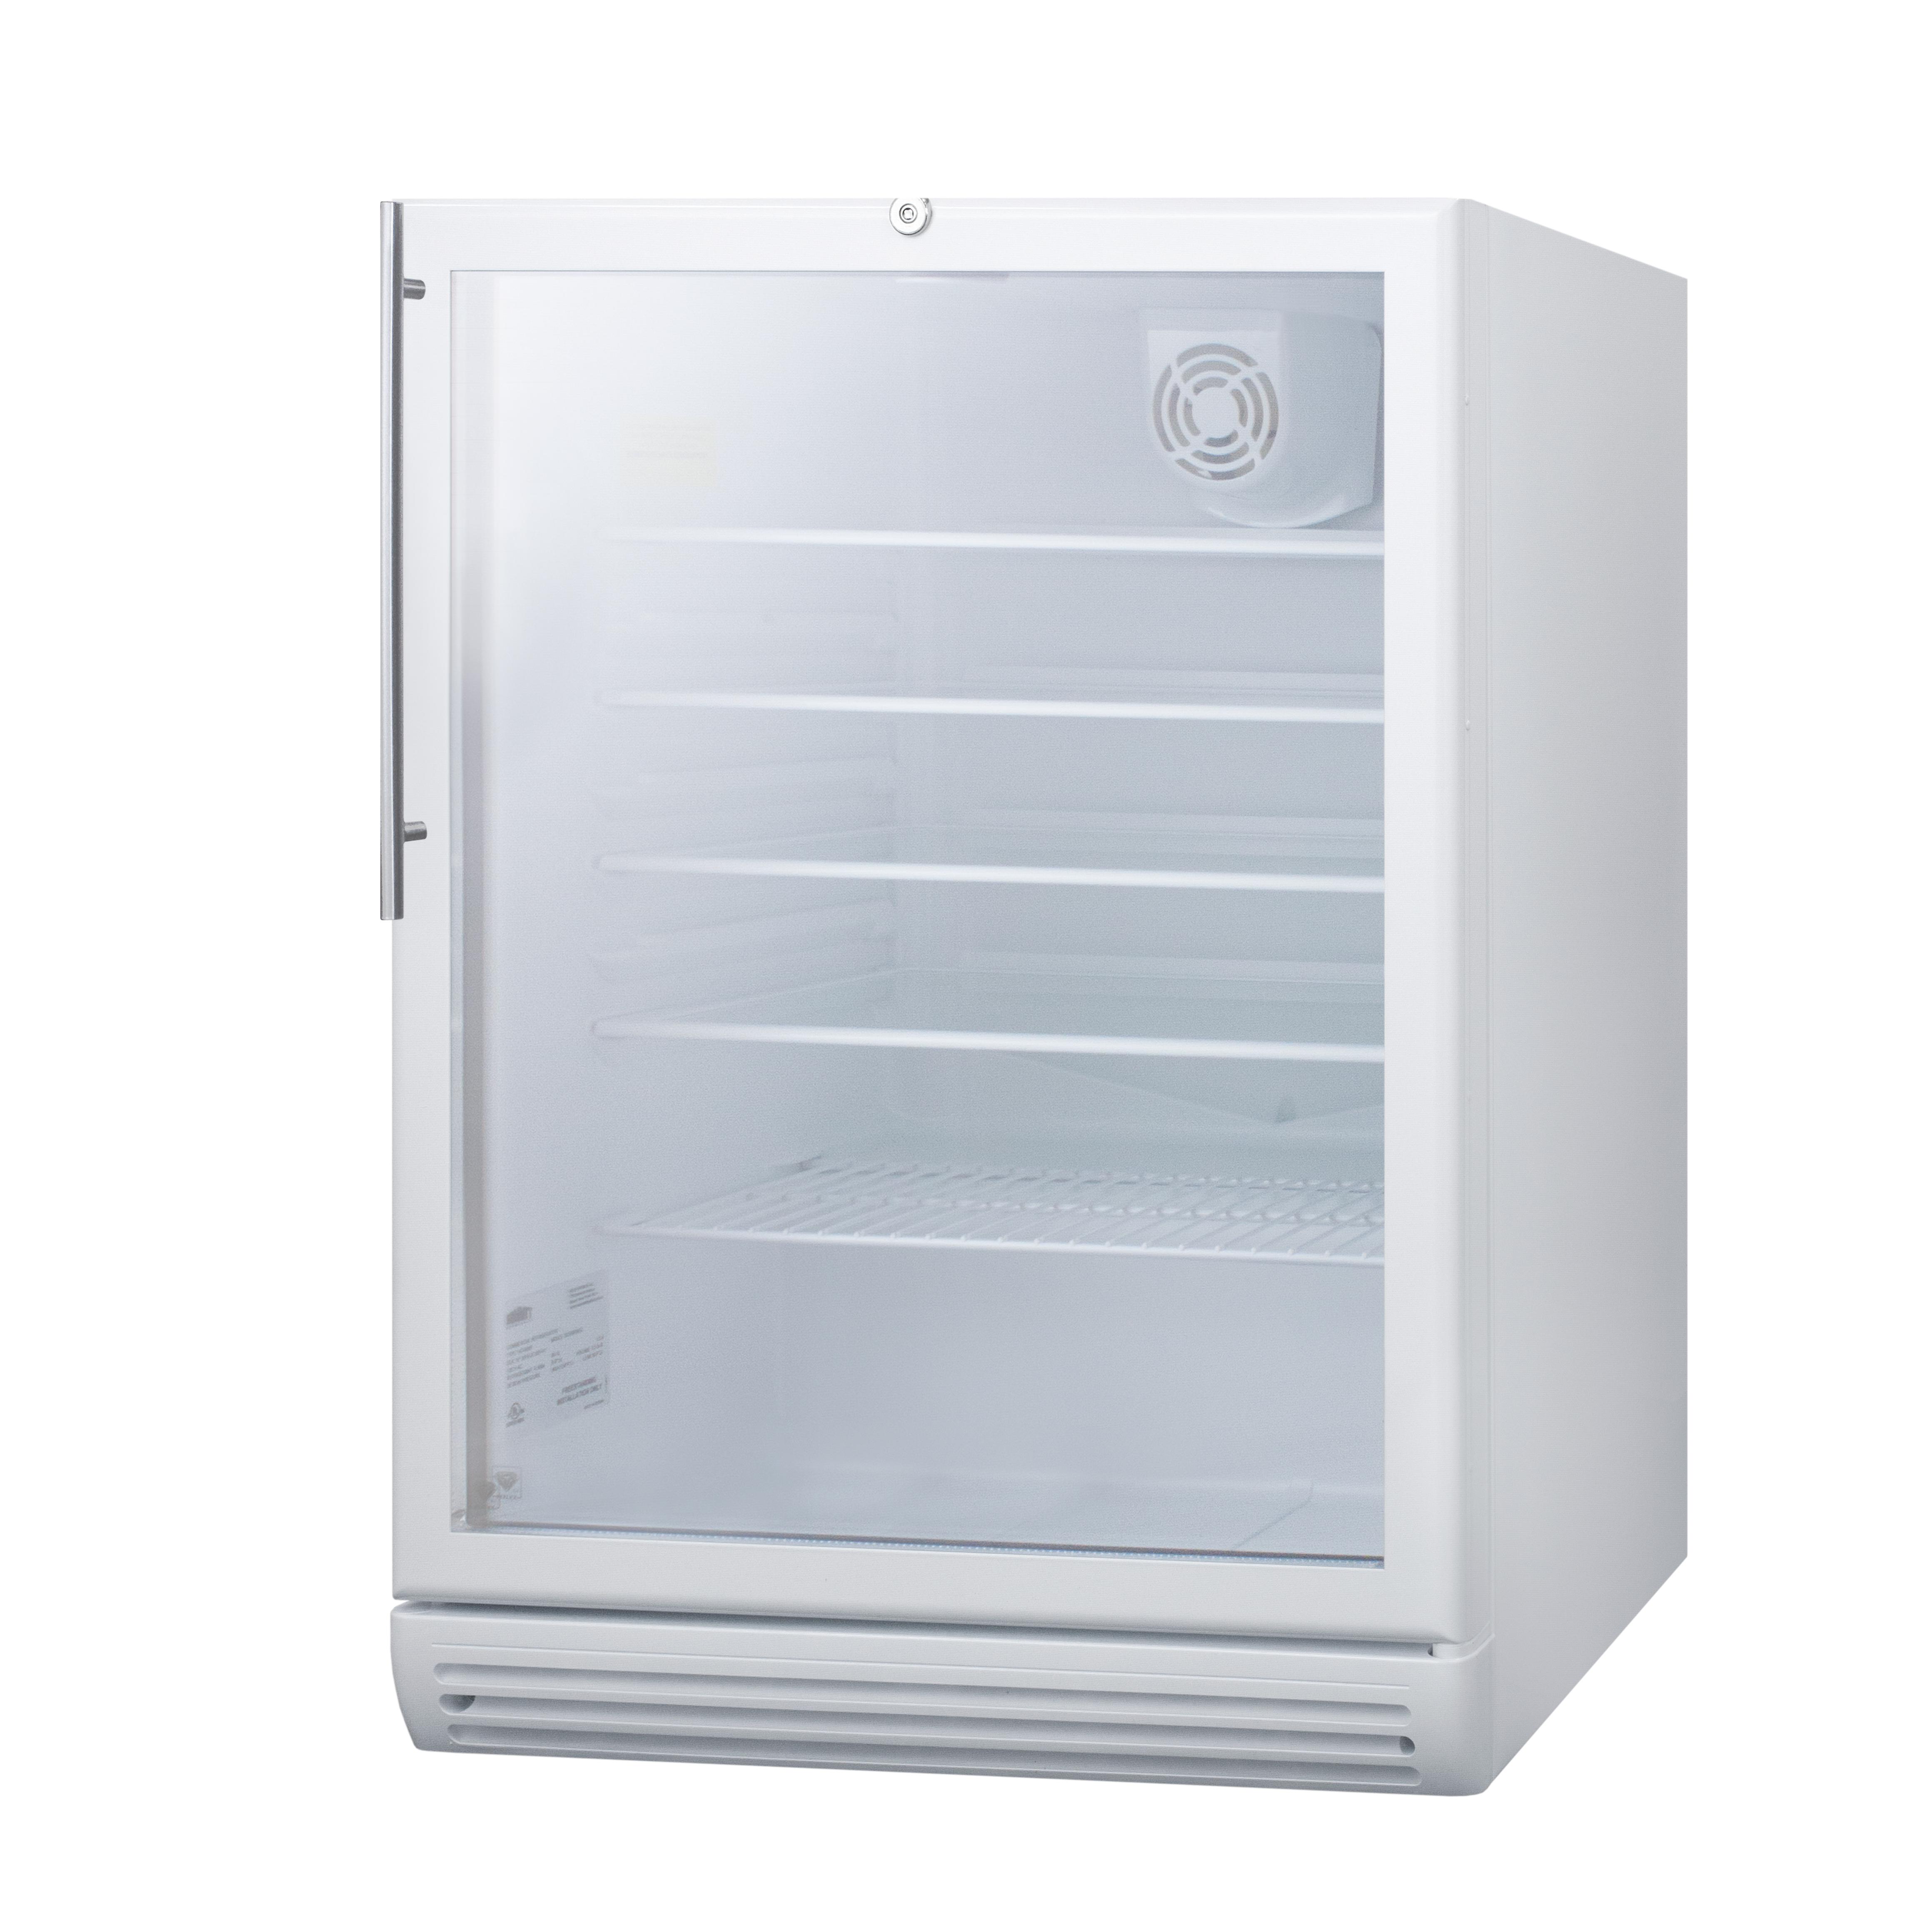 Summit Appliance SCR600GLBIHVADA refrigerator, merchandiser, countertop